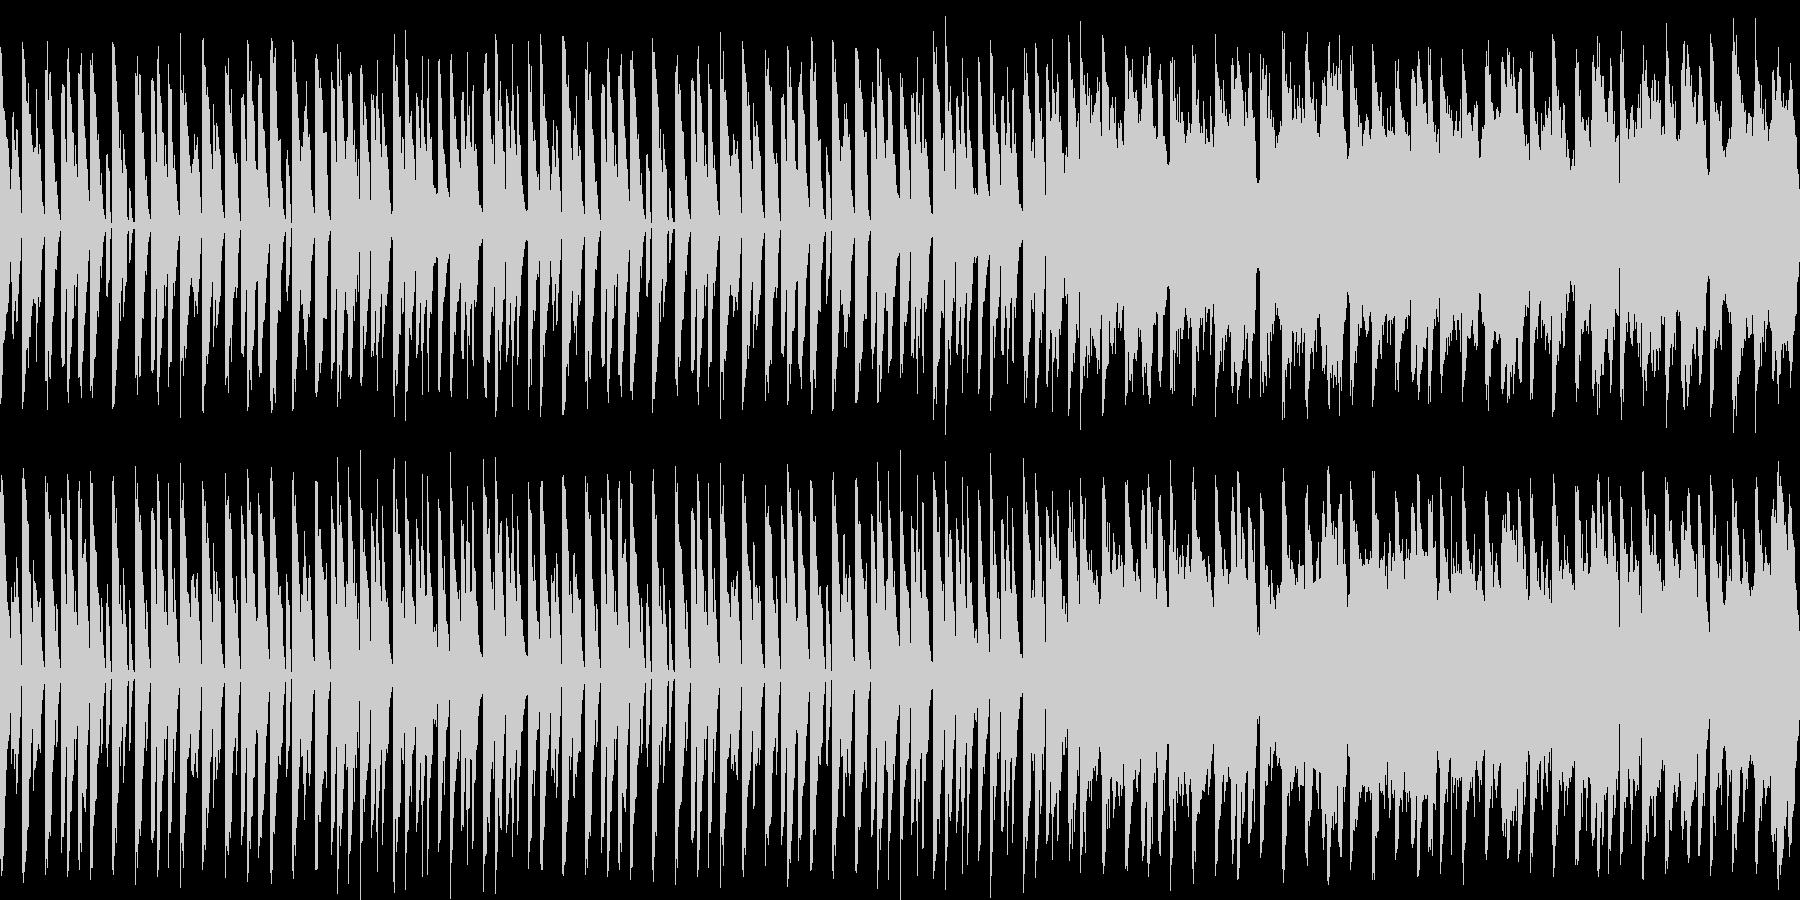 コミカルでかわいい感じのシンセ系BGMの未再生の波形